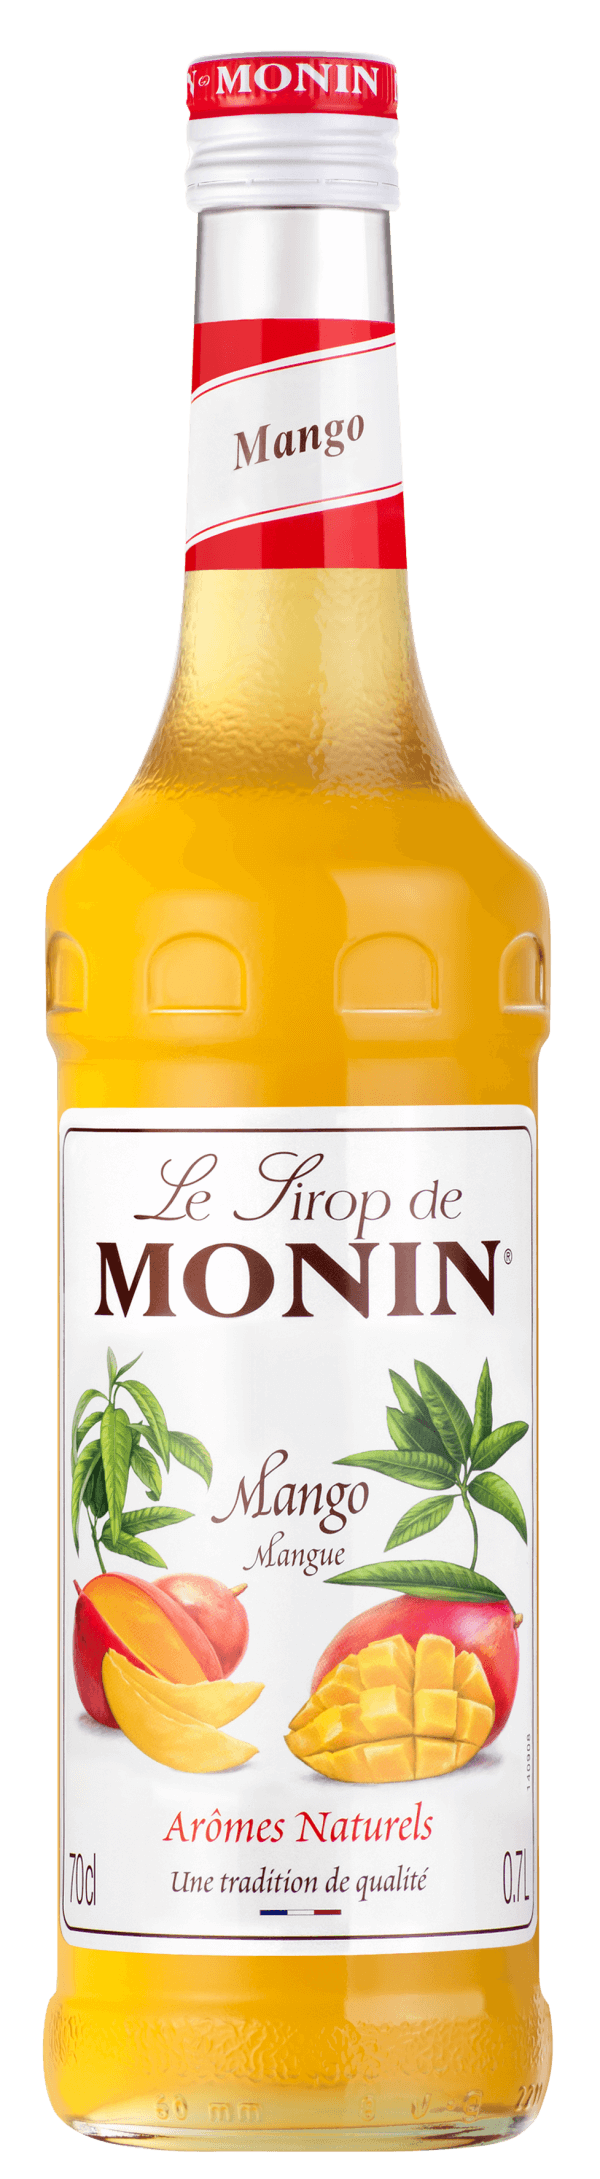 Monin_mango